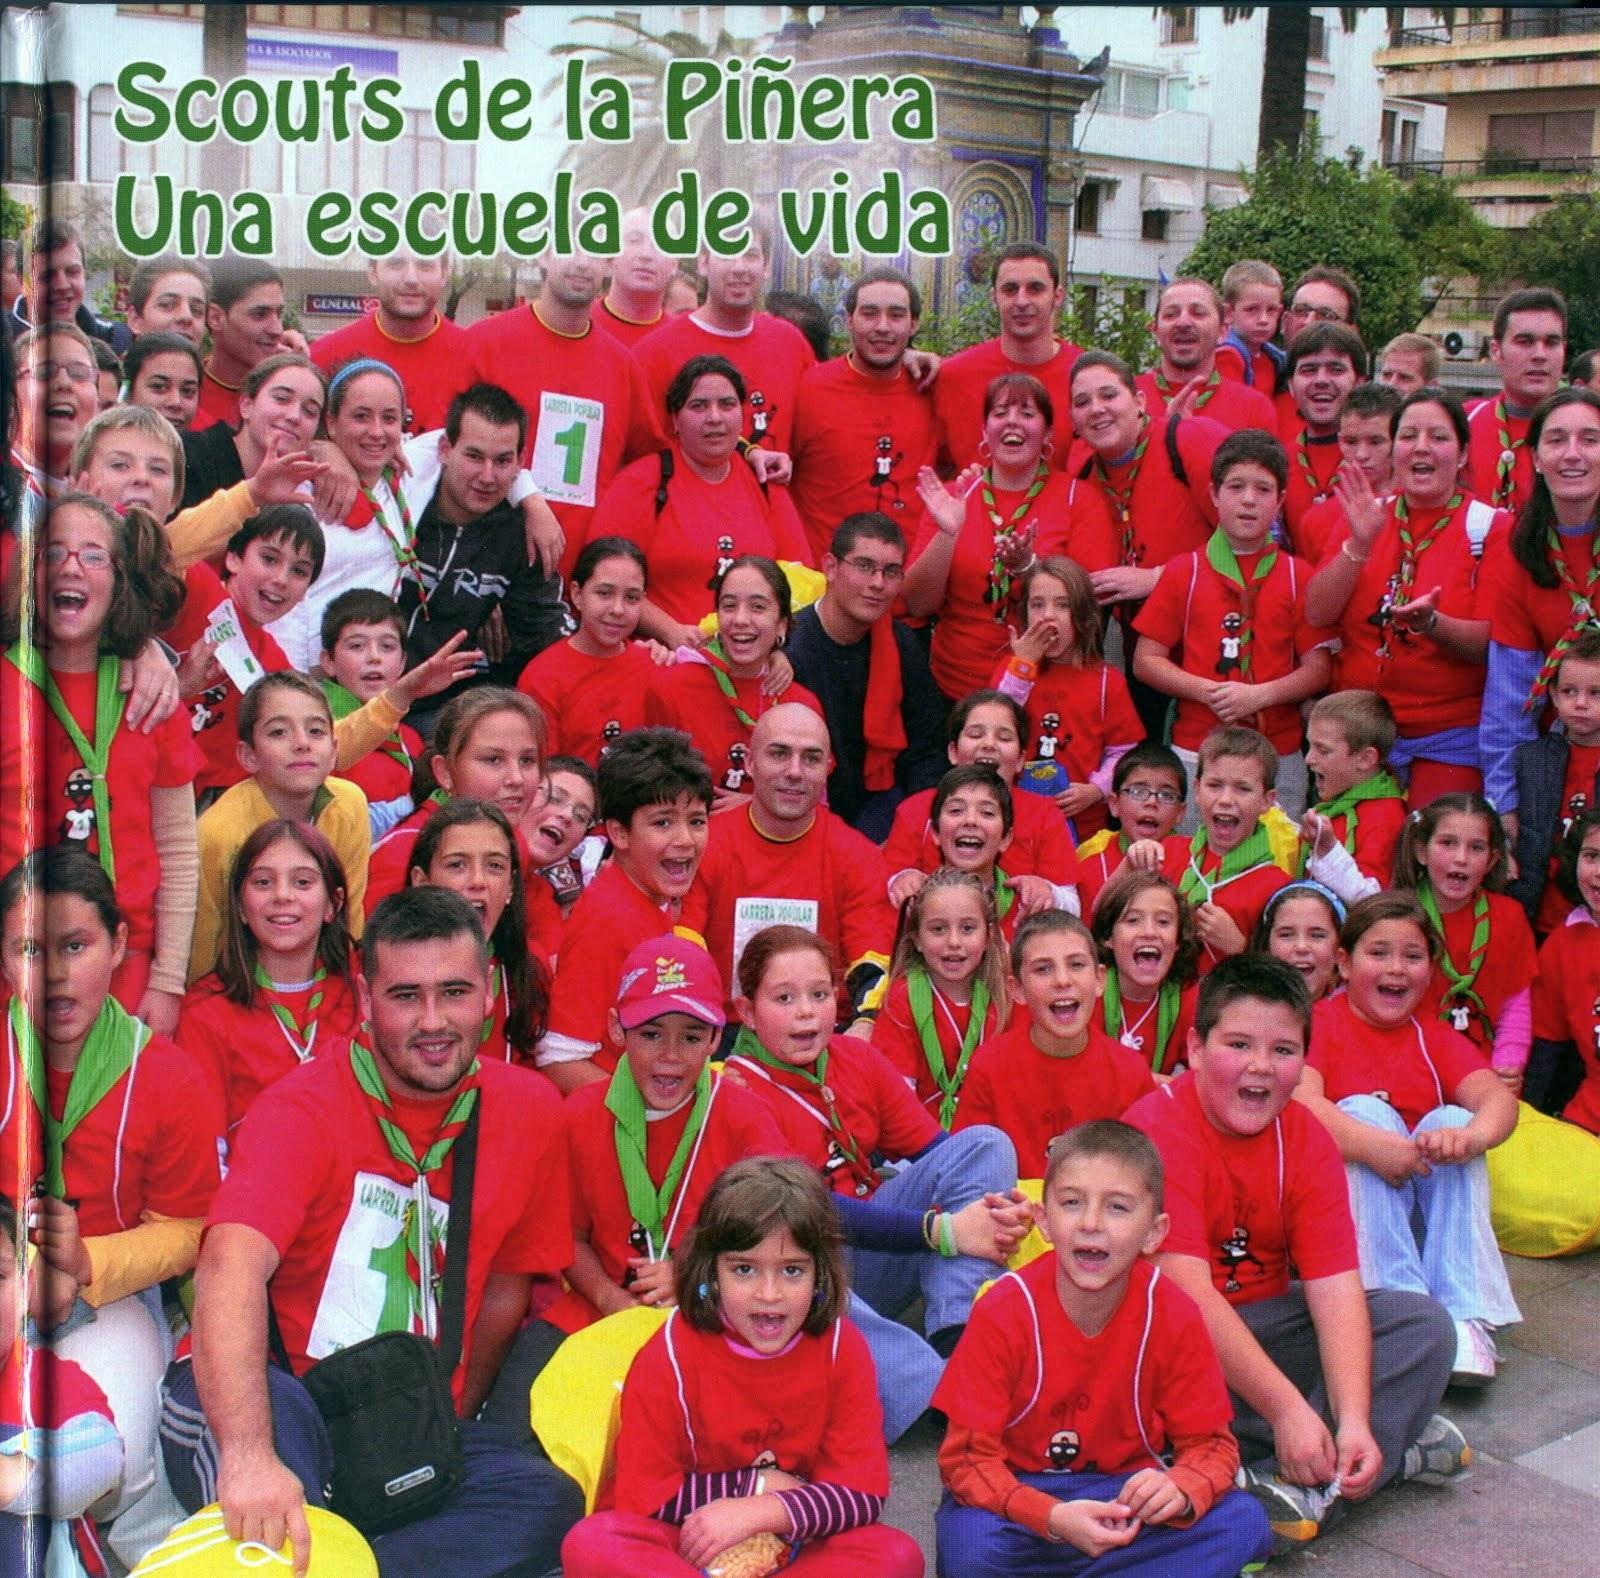 Scouts de La Piñera. Una escuela de vida. PORTADA